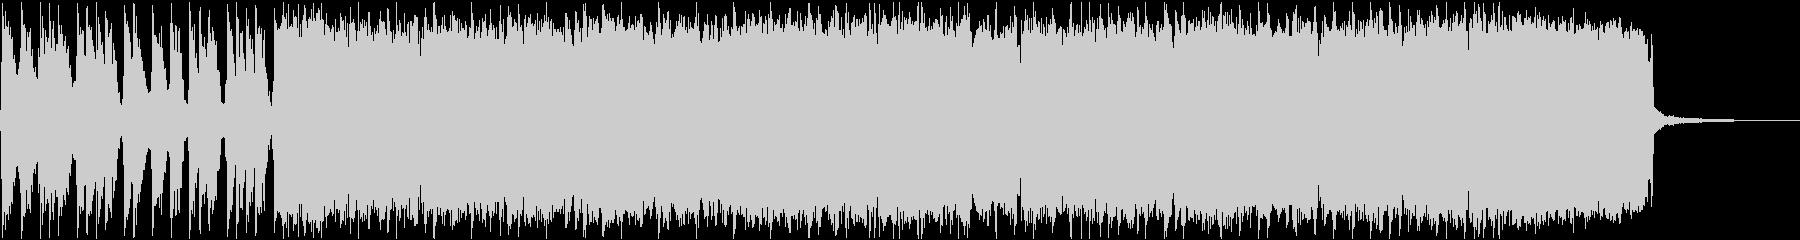 オープニング・イントロ・コミカル・パンクの未再生の波形